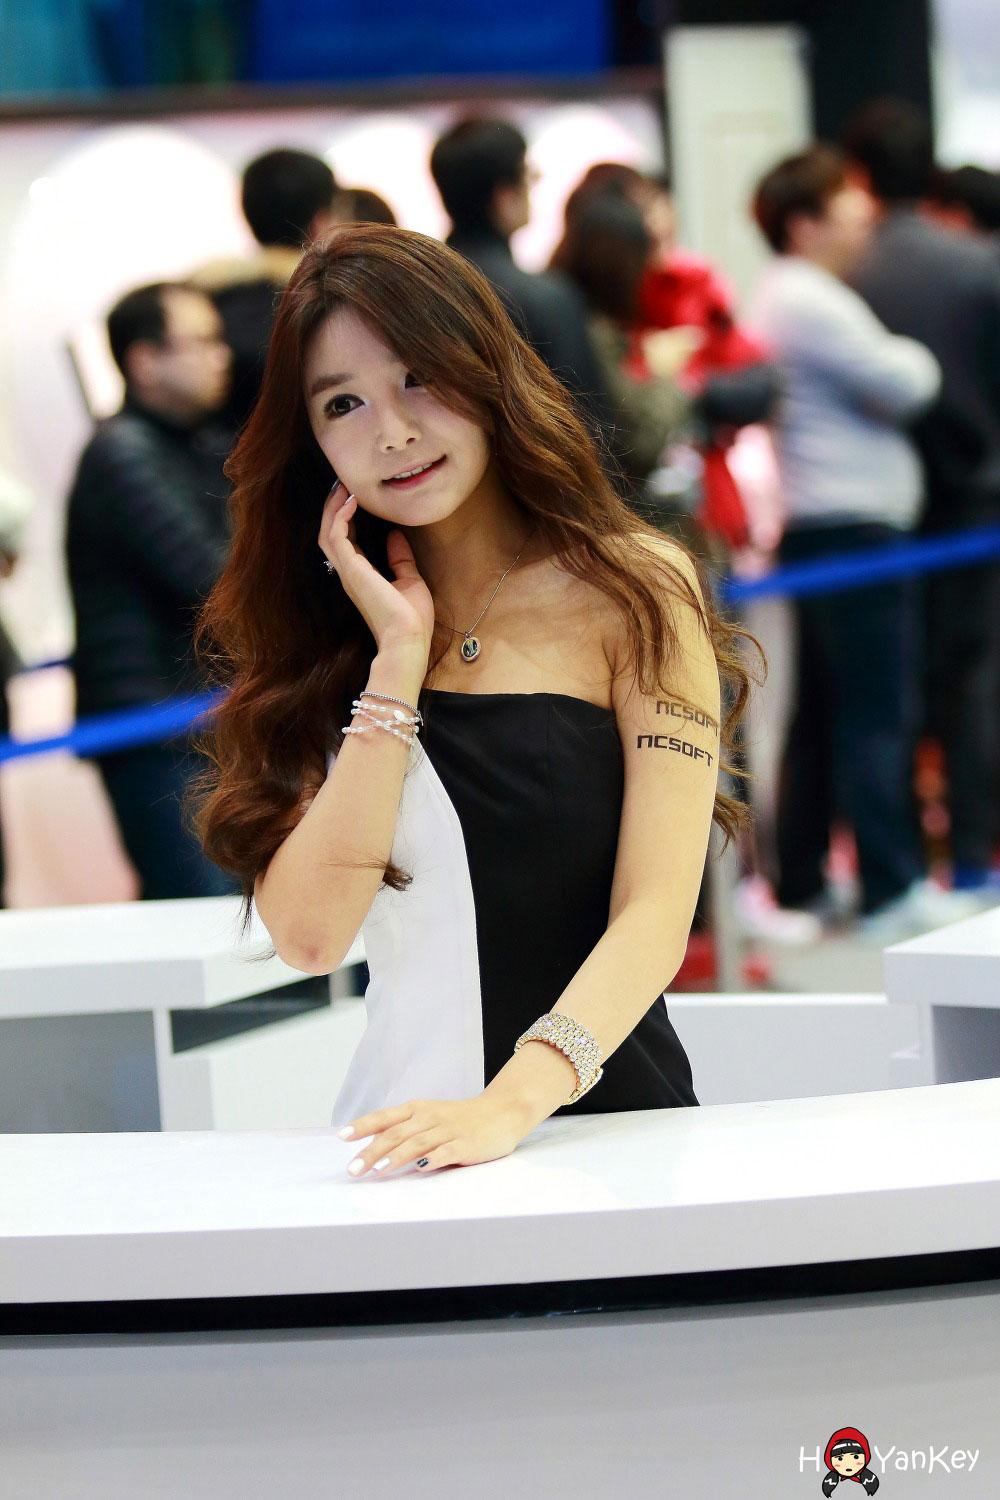 Lee Eun Seo Game Show Trade All Round 2014